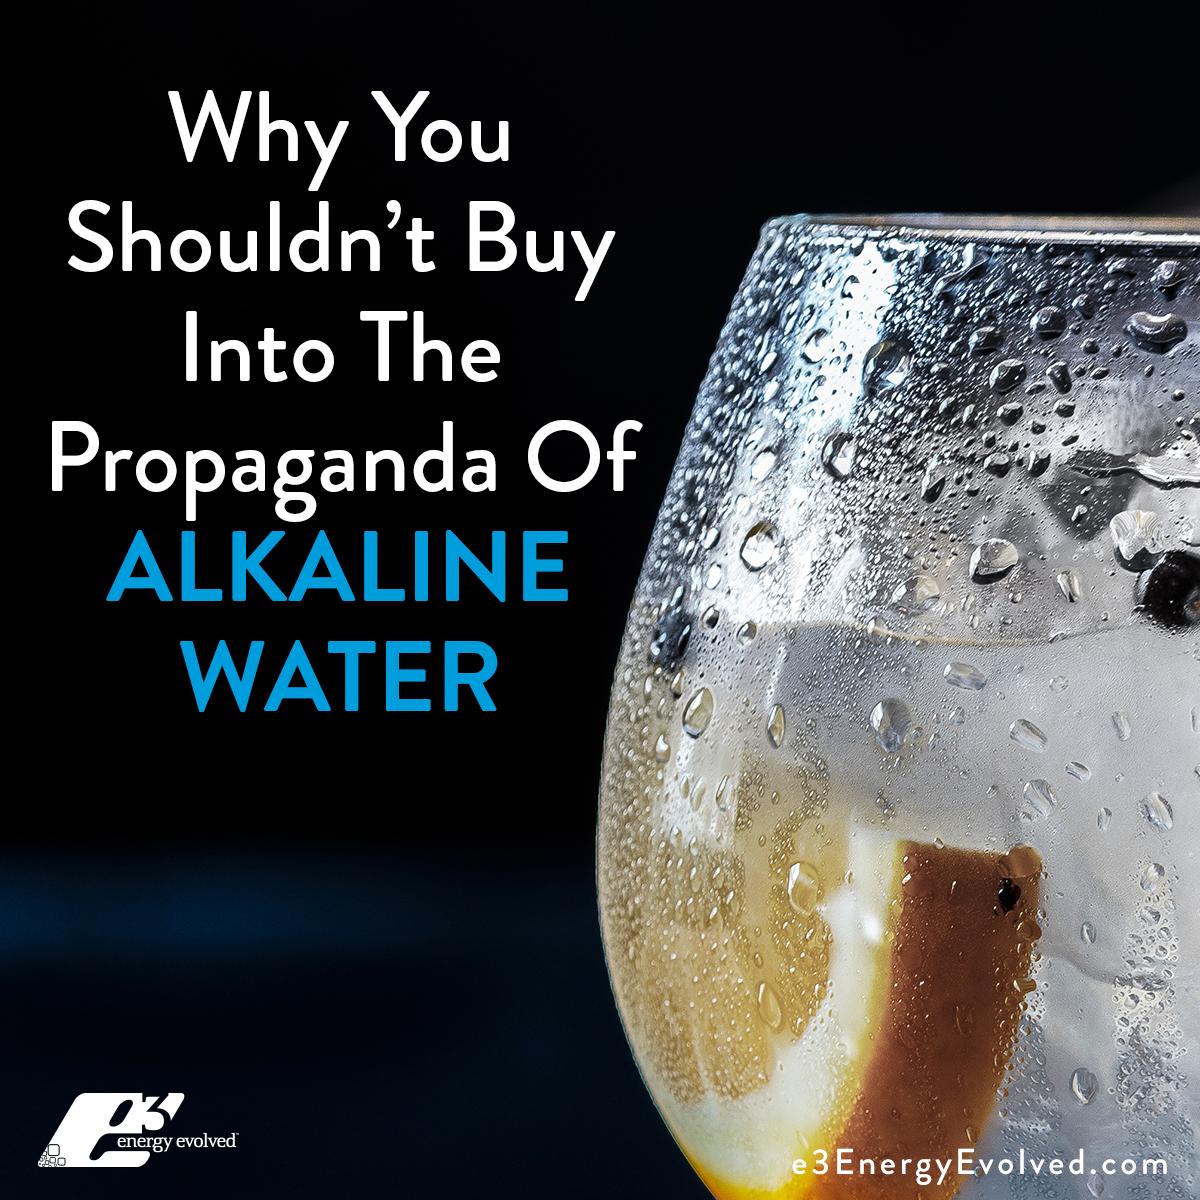 water, alkaline water, pH, alkalinity, nutrition